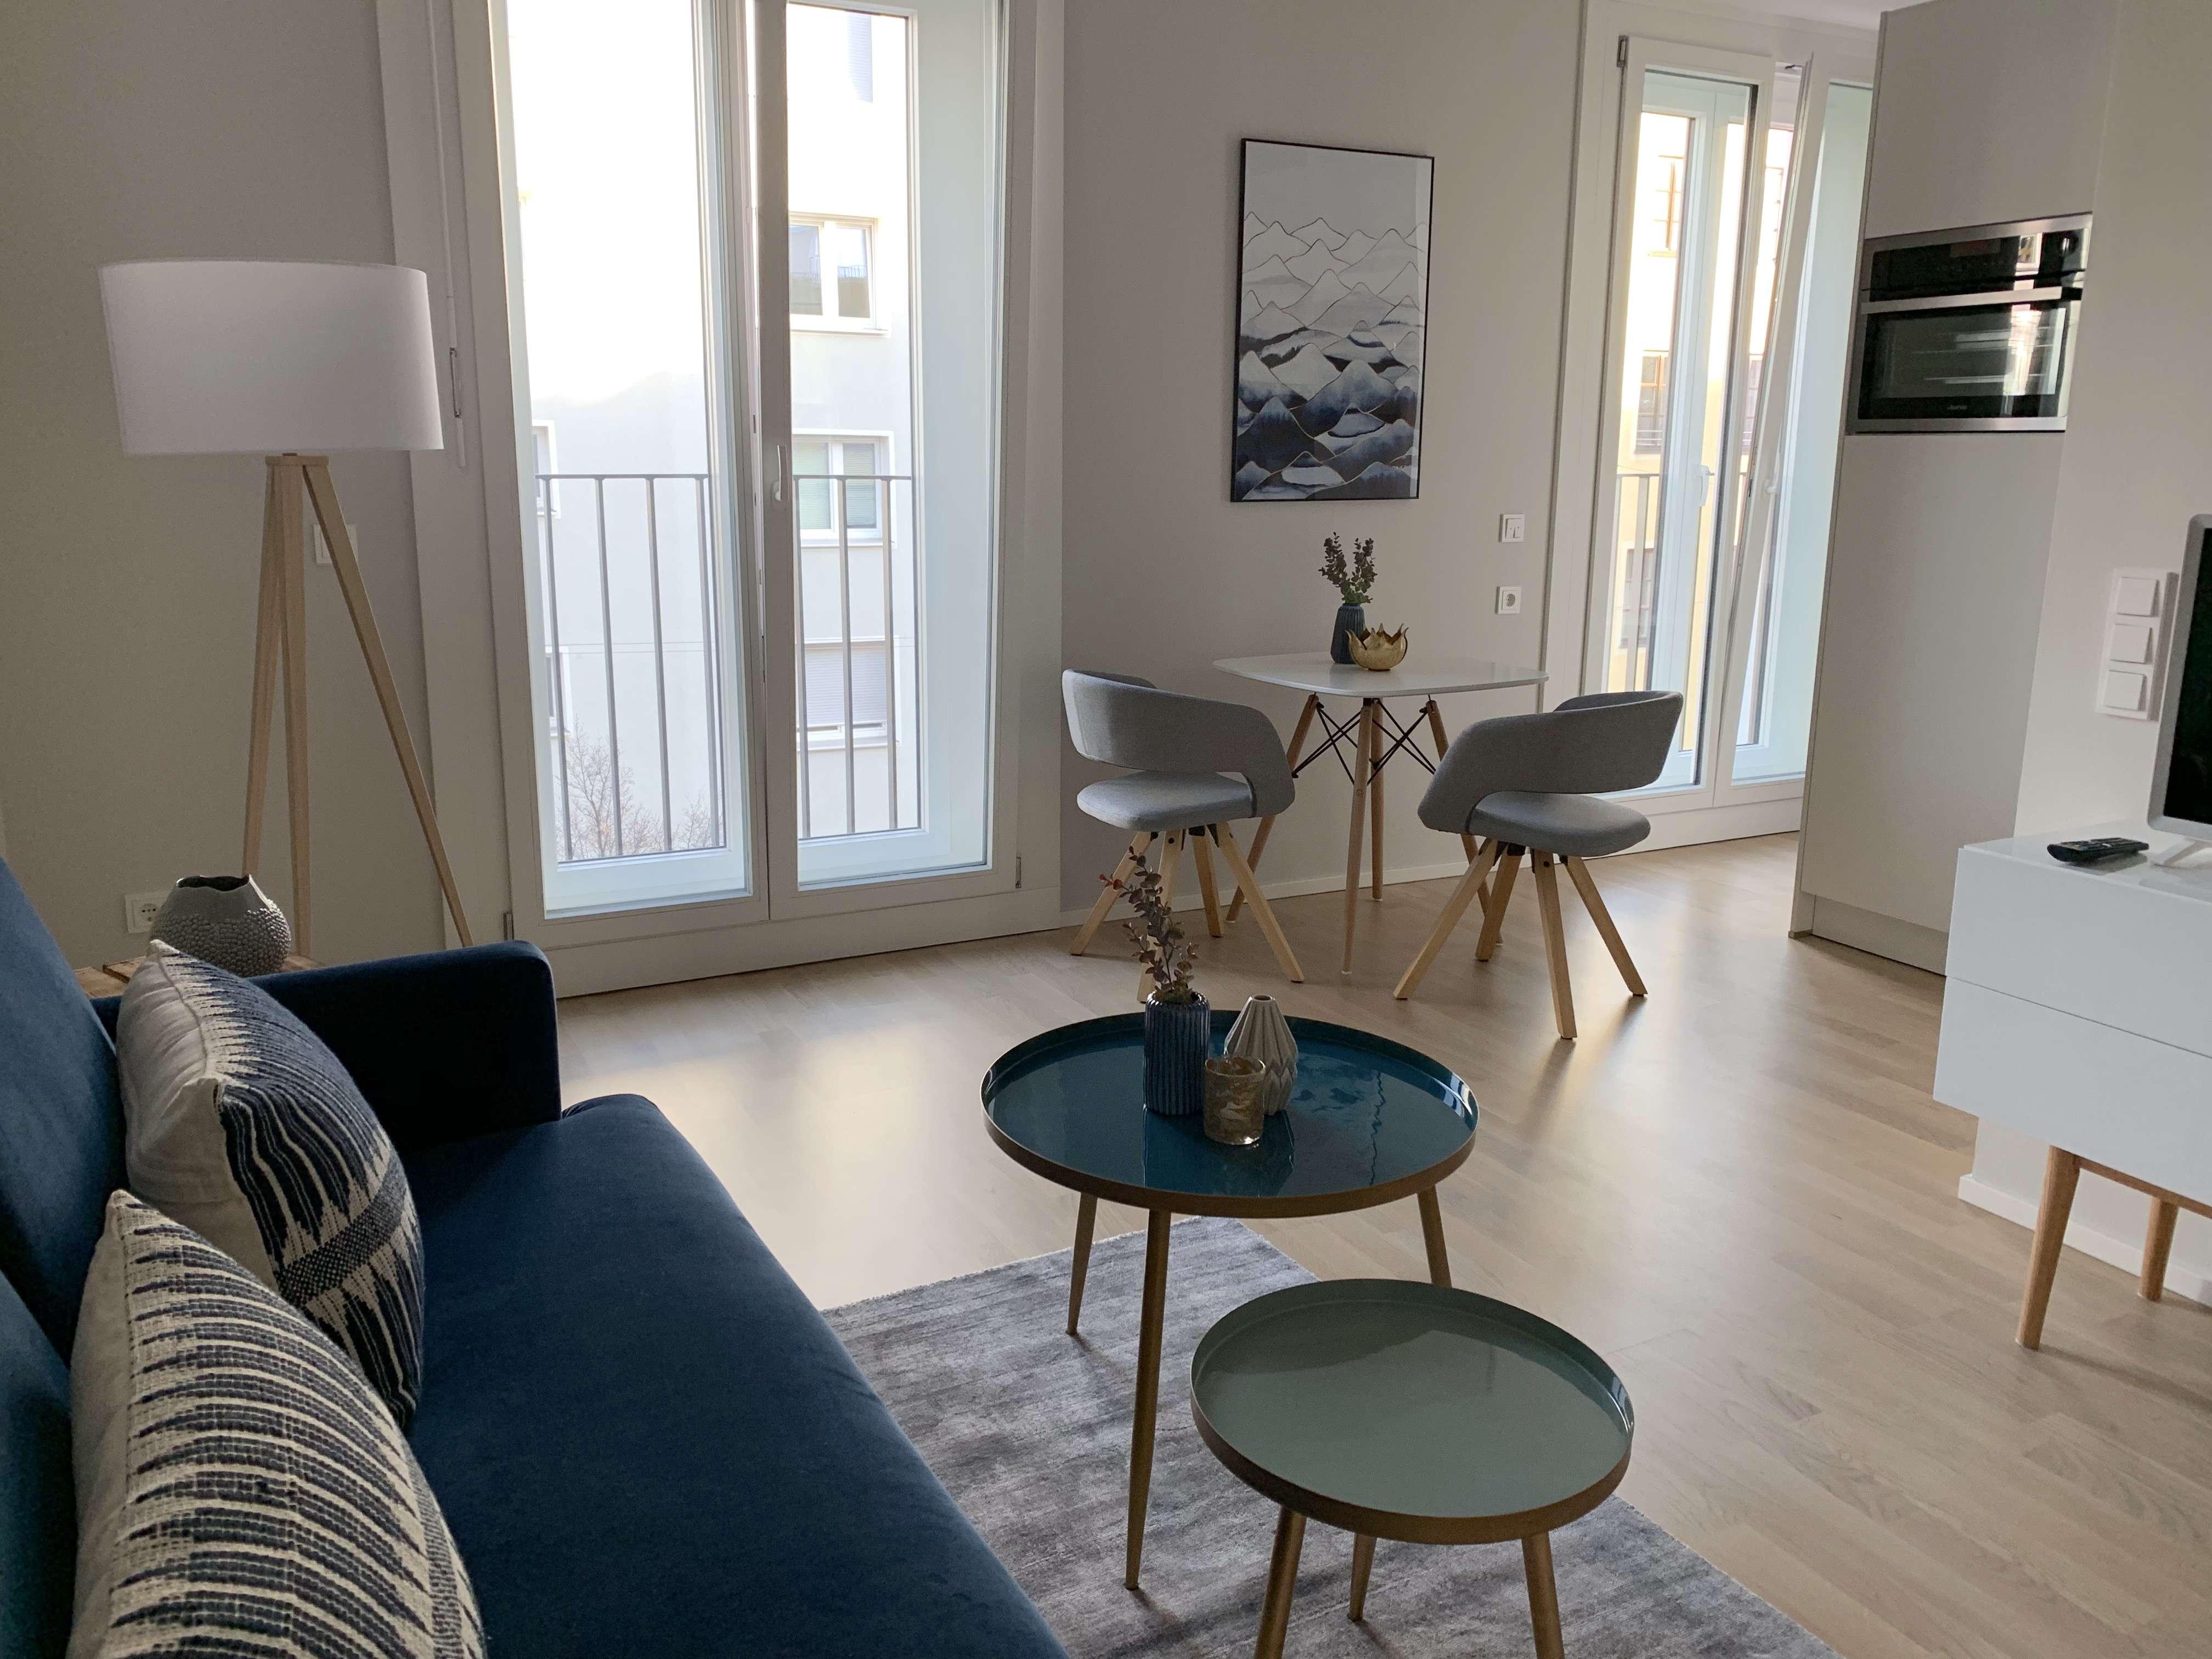 Möbliert! Exklusives 1,5 Zimmer Apartment in der Maxvorstadt zu vermieten: Erstbezug! in Maxvorstadt (München)